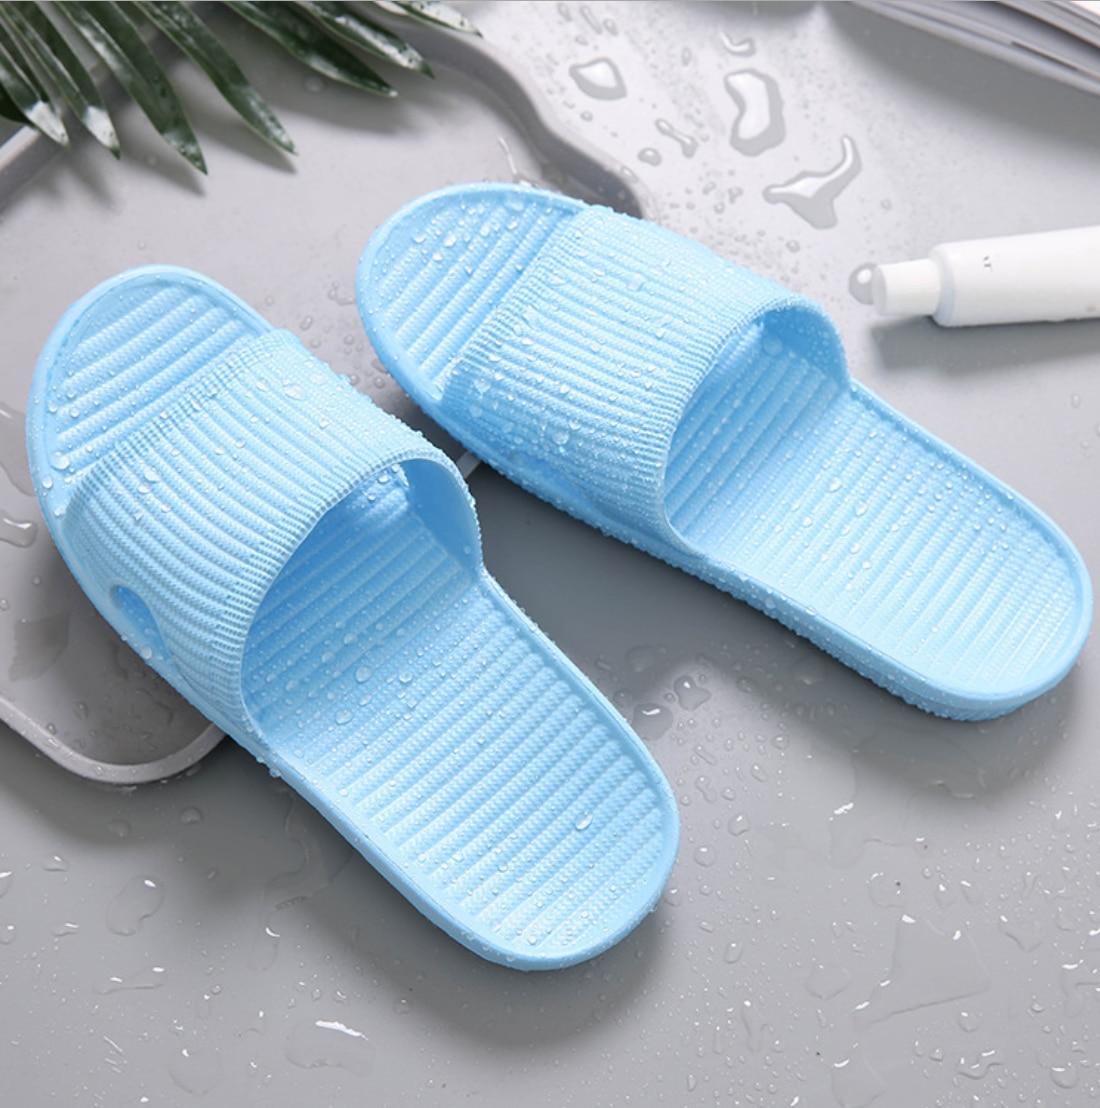 EVA Women's Summer Sandals Bathroom Non-slip Slippers Flip-flops Home Shoes Beach Shoes Slide Slide Flat-bottomed Slippers